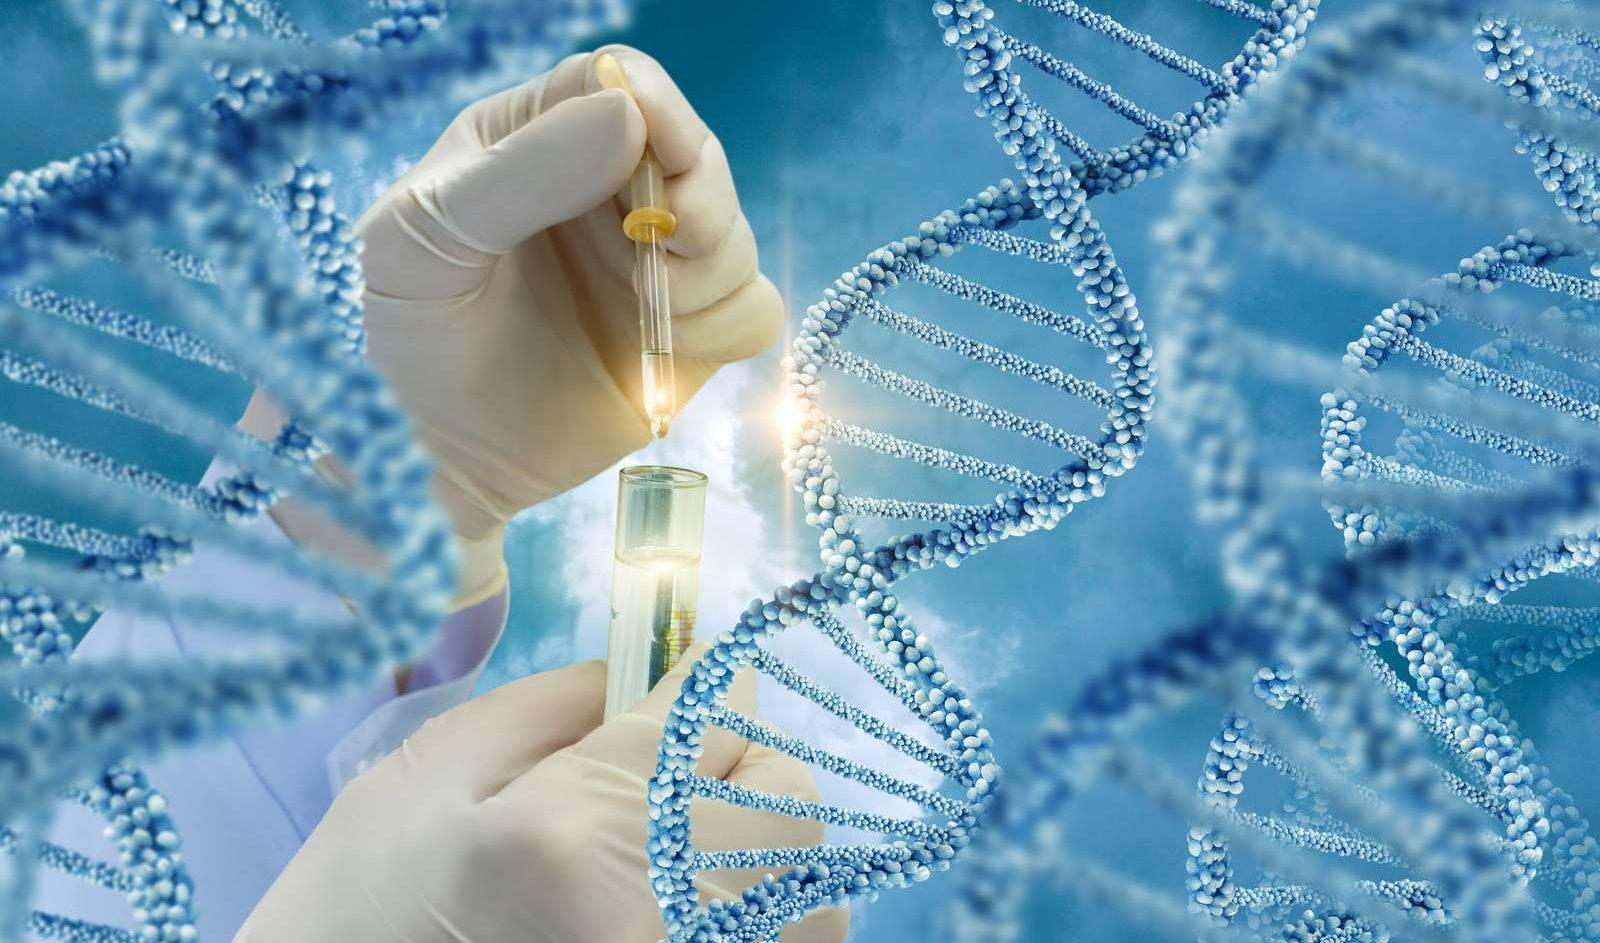 Kongenit myopati kan være stabil eller langsomt fremadskridende afhængig af den genetiske undertype